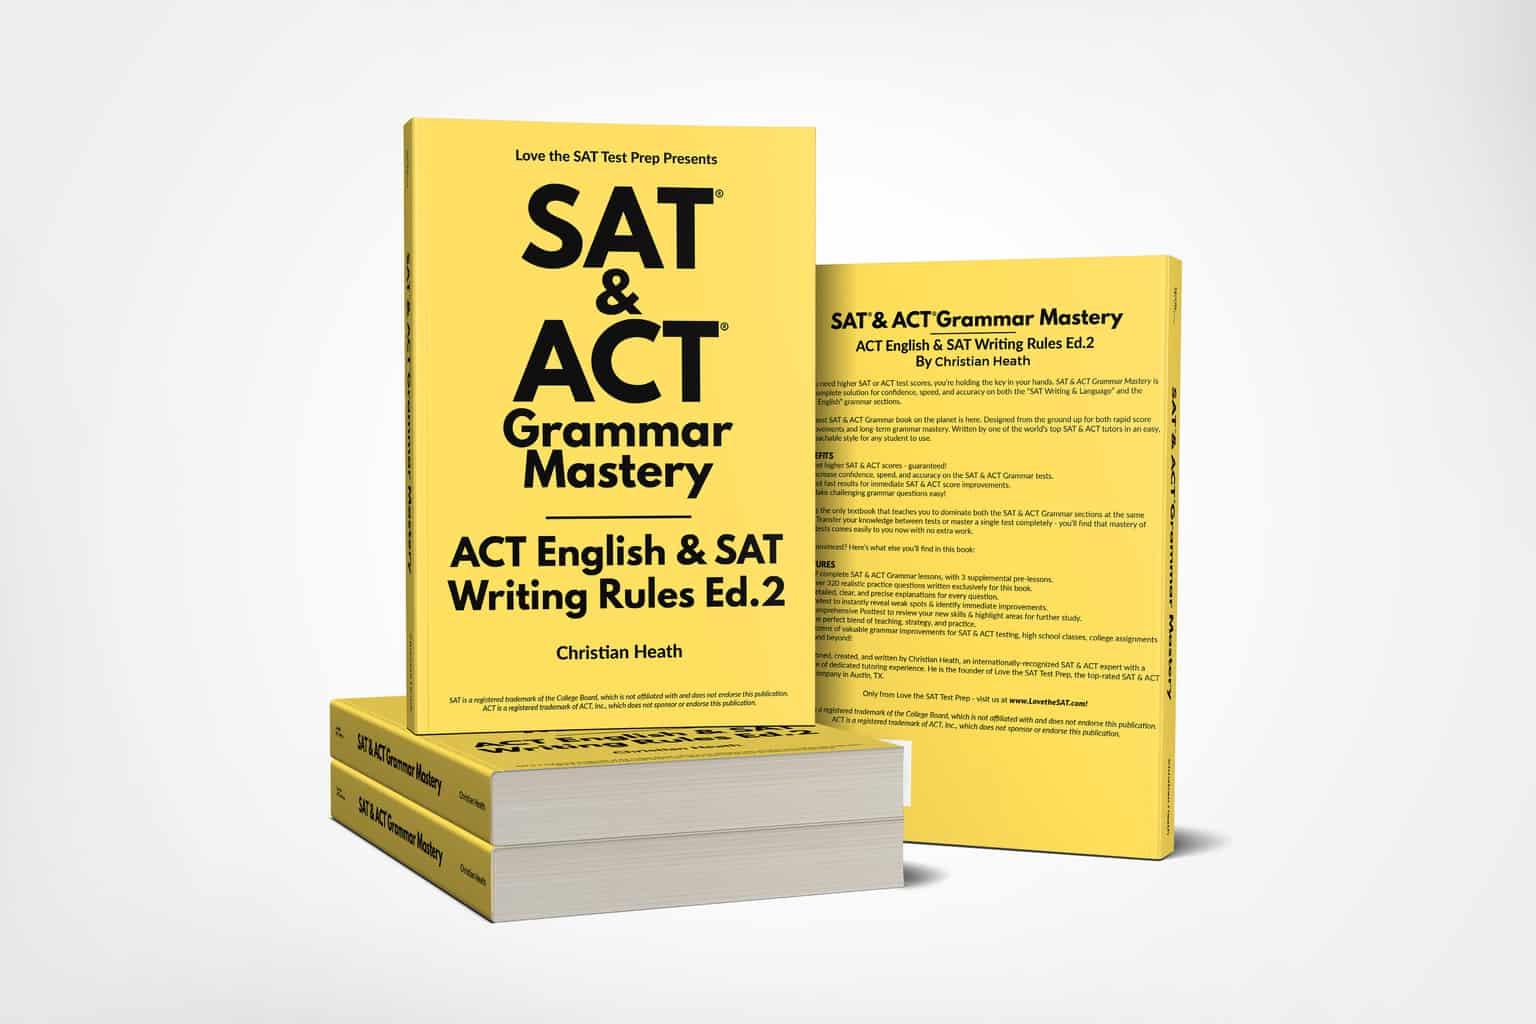 SAT & ACT Grammar Mastery: ACT English & SAT Writing Rules, Ed 2